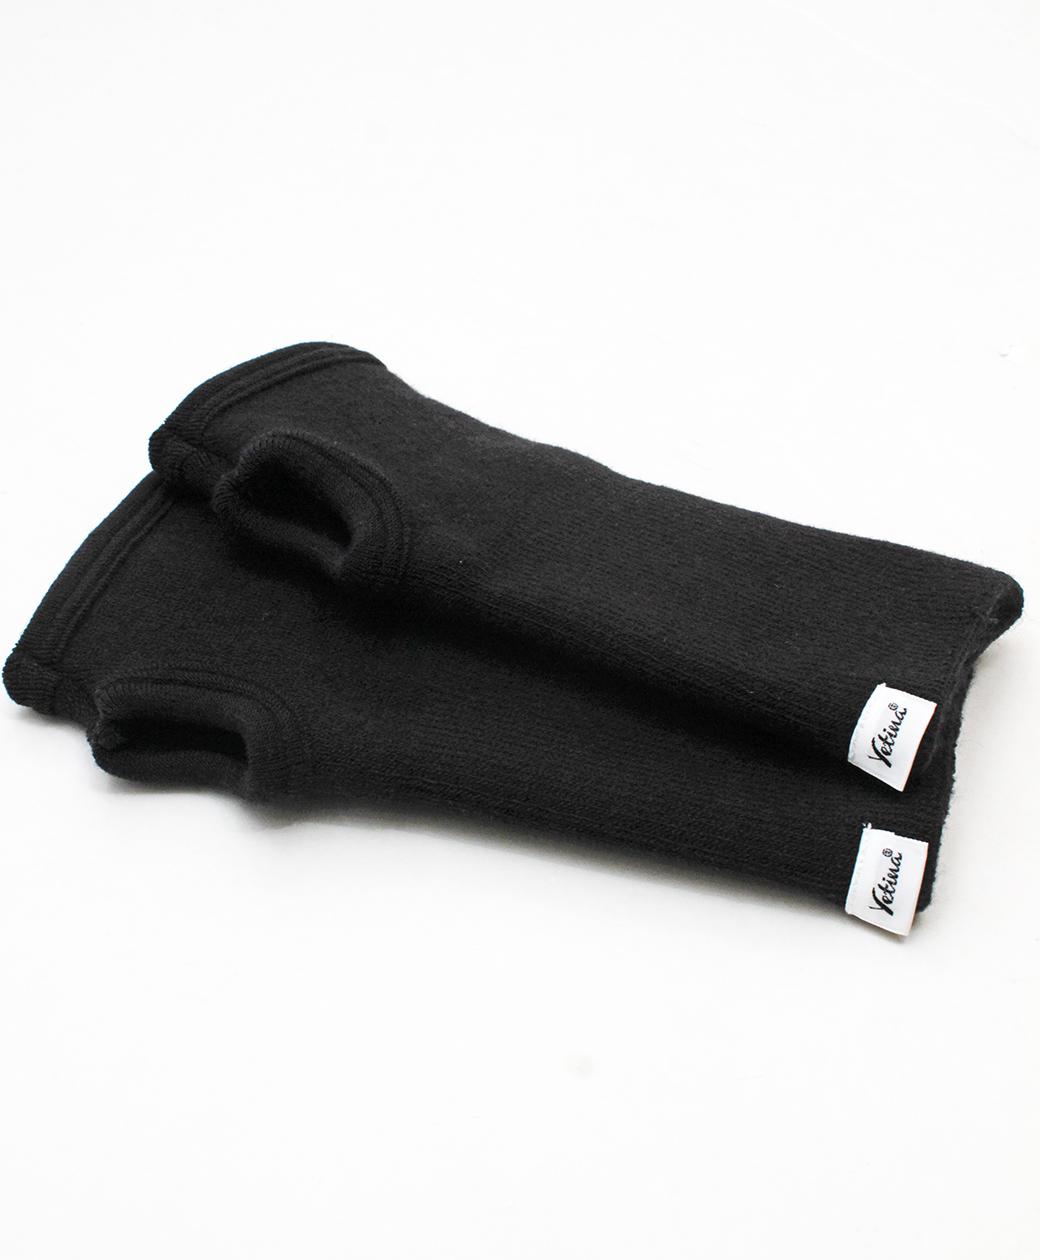 yetina Antarctica wrist gaiter(black)